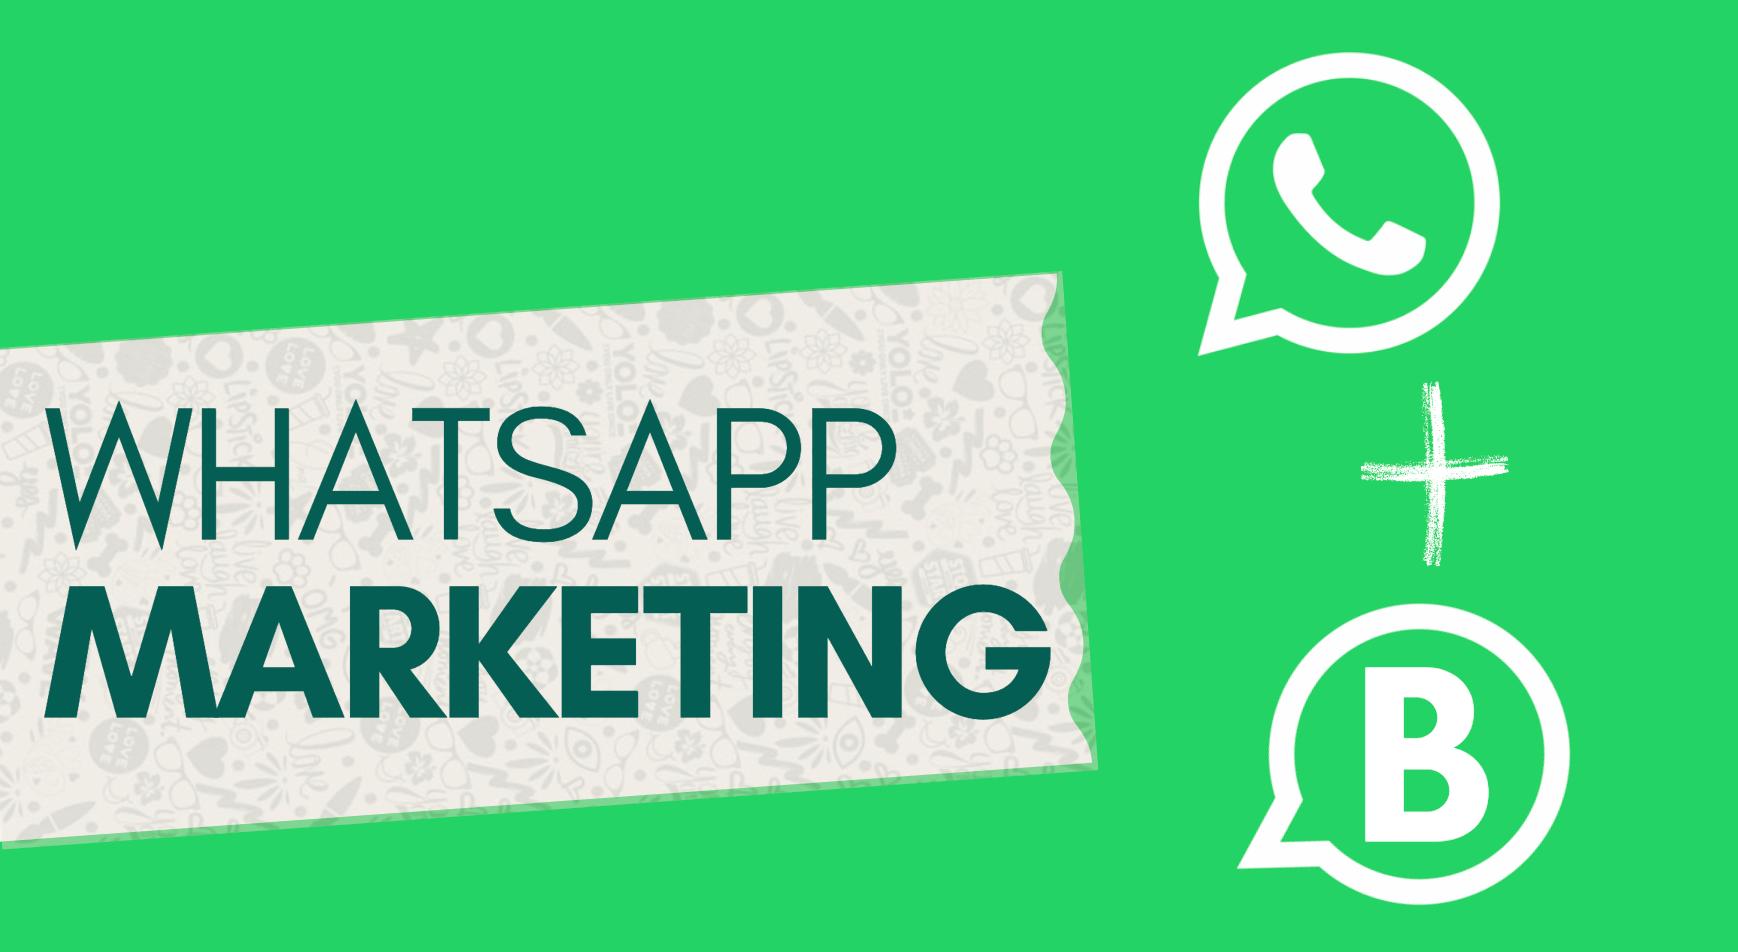 WhatsApp Markerting